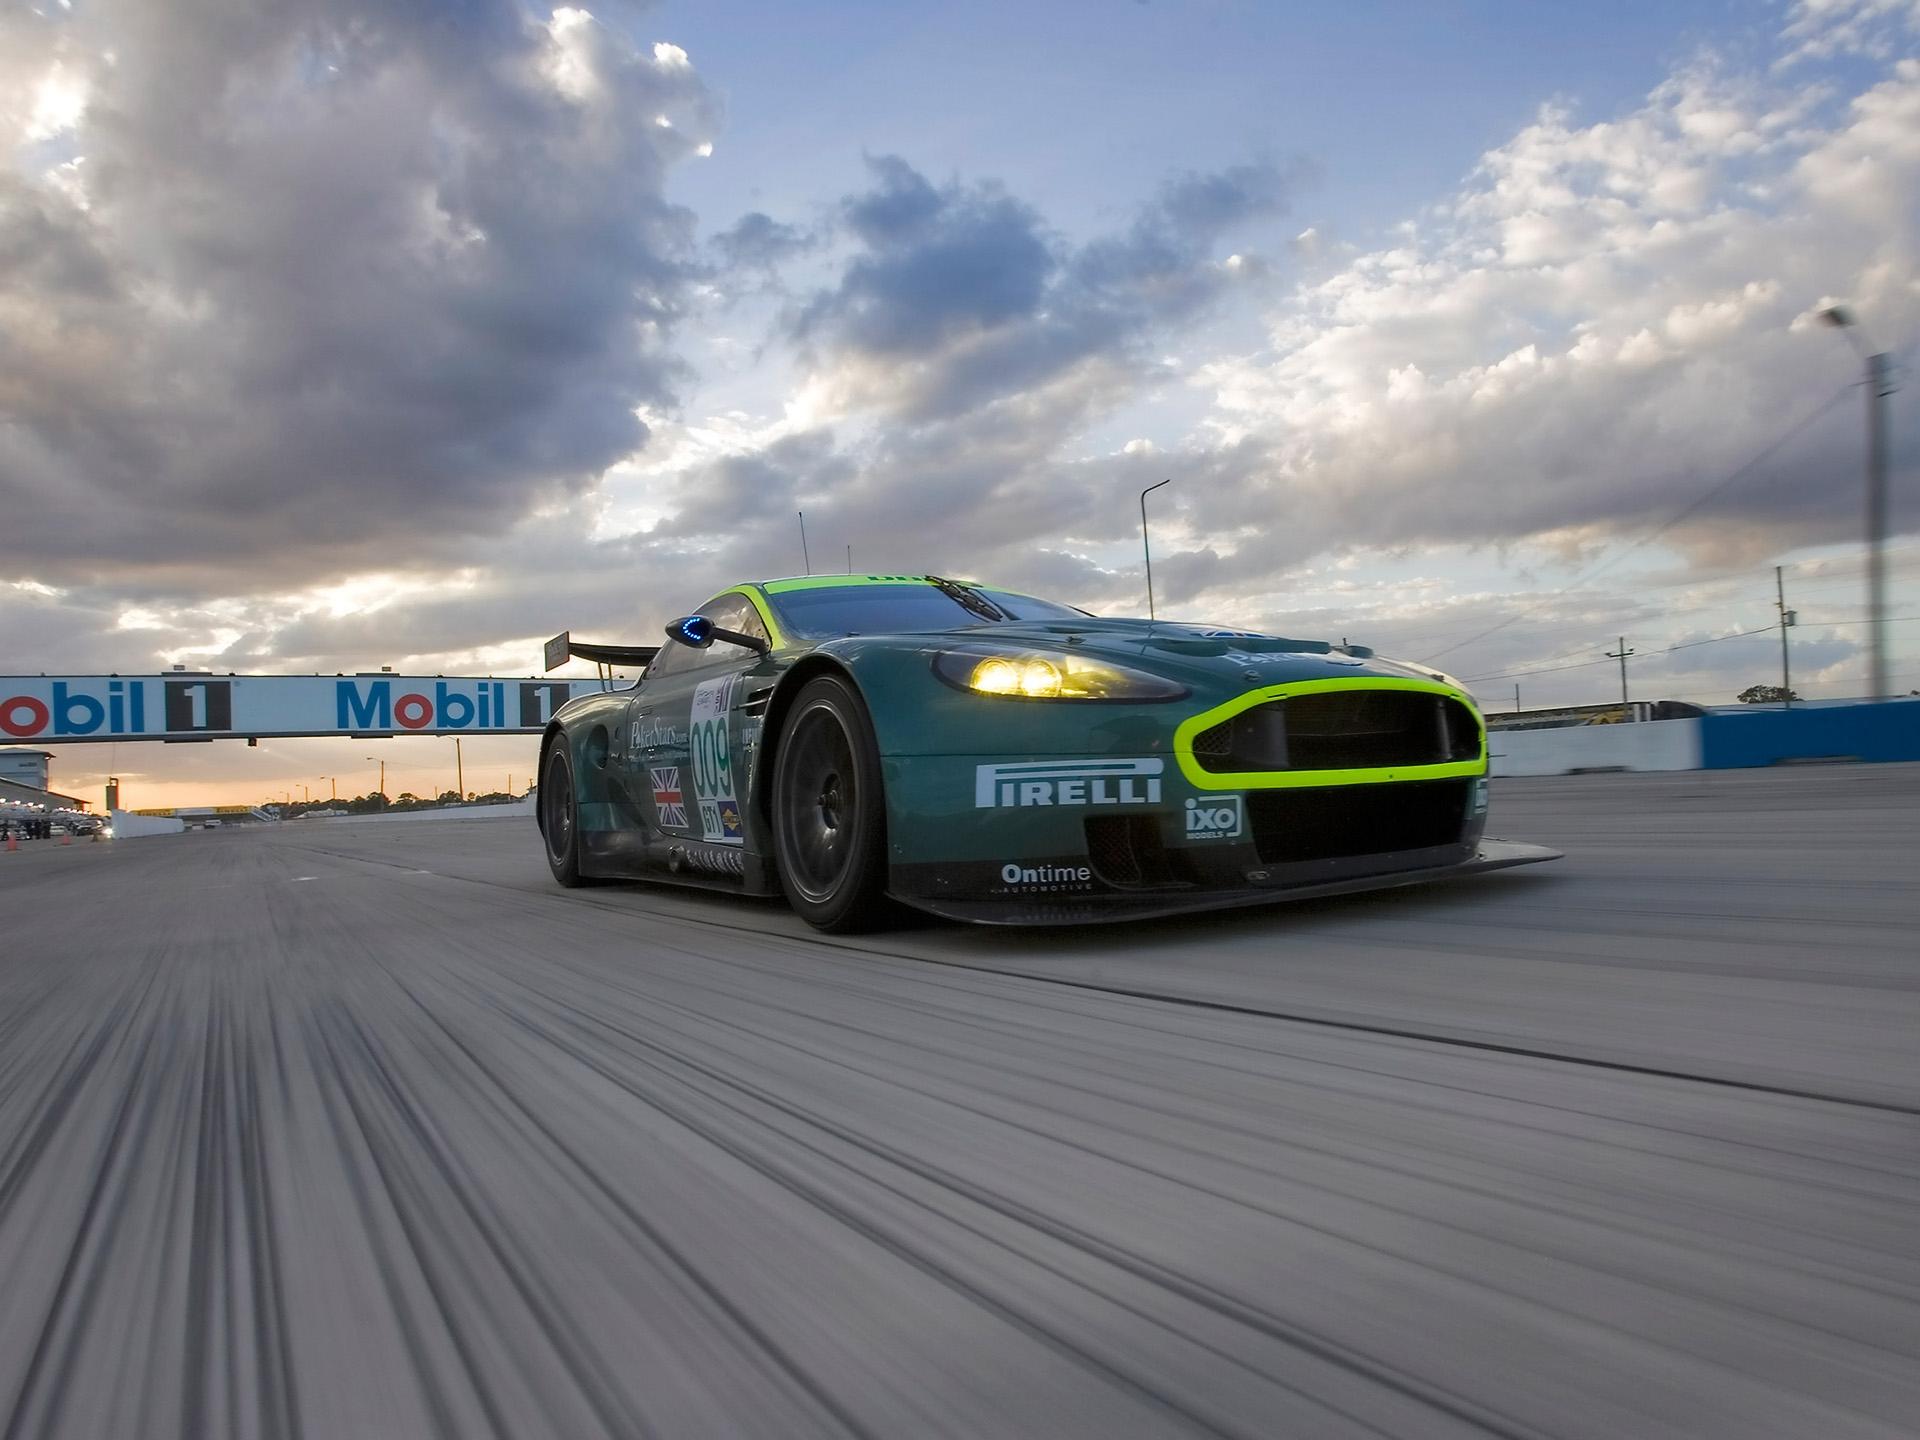 148690 скачать обои Спорт, Машины, Облака, Астон Мартин (Aston Martin), Тачки (Cars), Асфальт, Вид Спереди, Зеленый, Скорость, Стиль, 2005, Dbr9, Гоночный Болид - заставки и картинки бесплатно